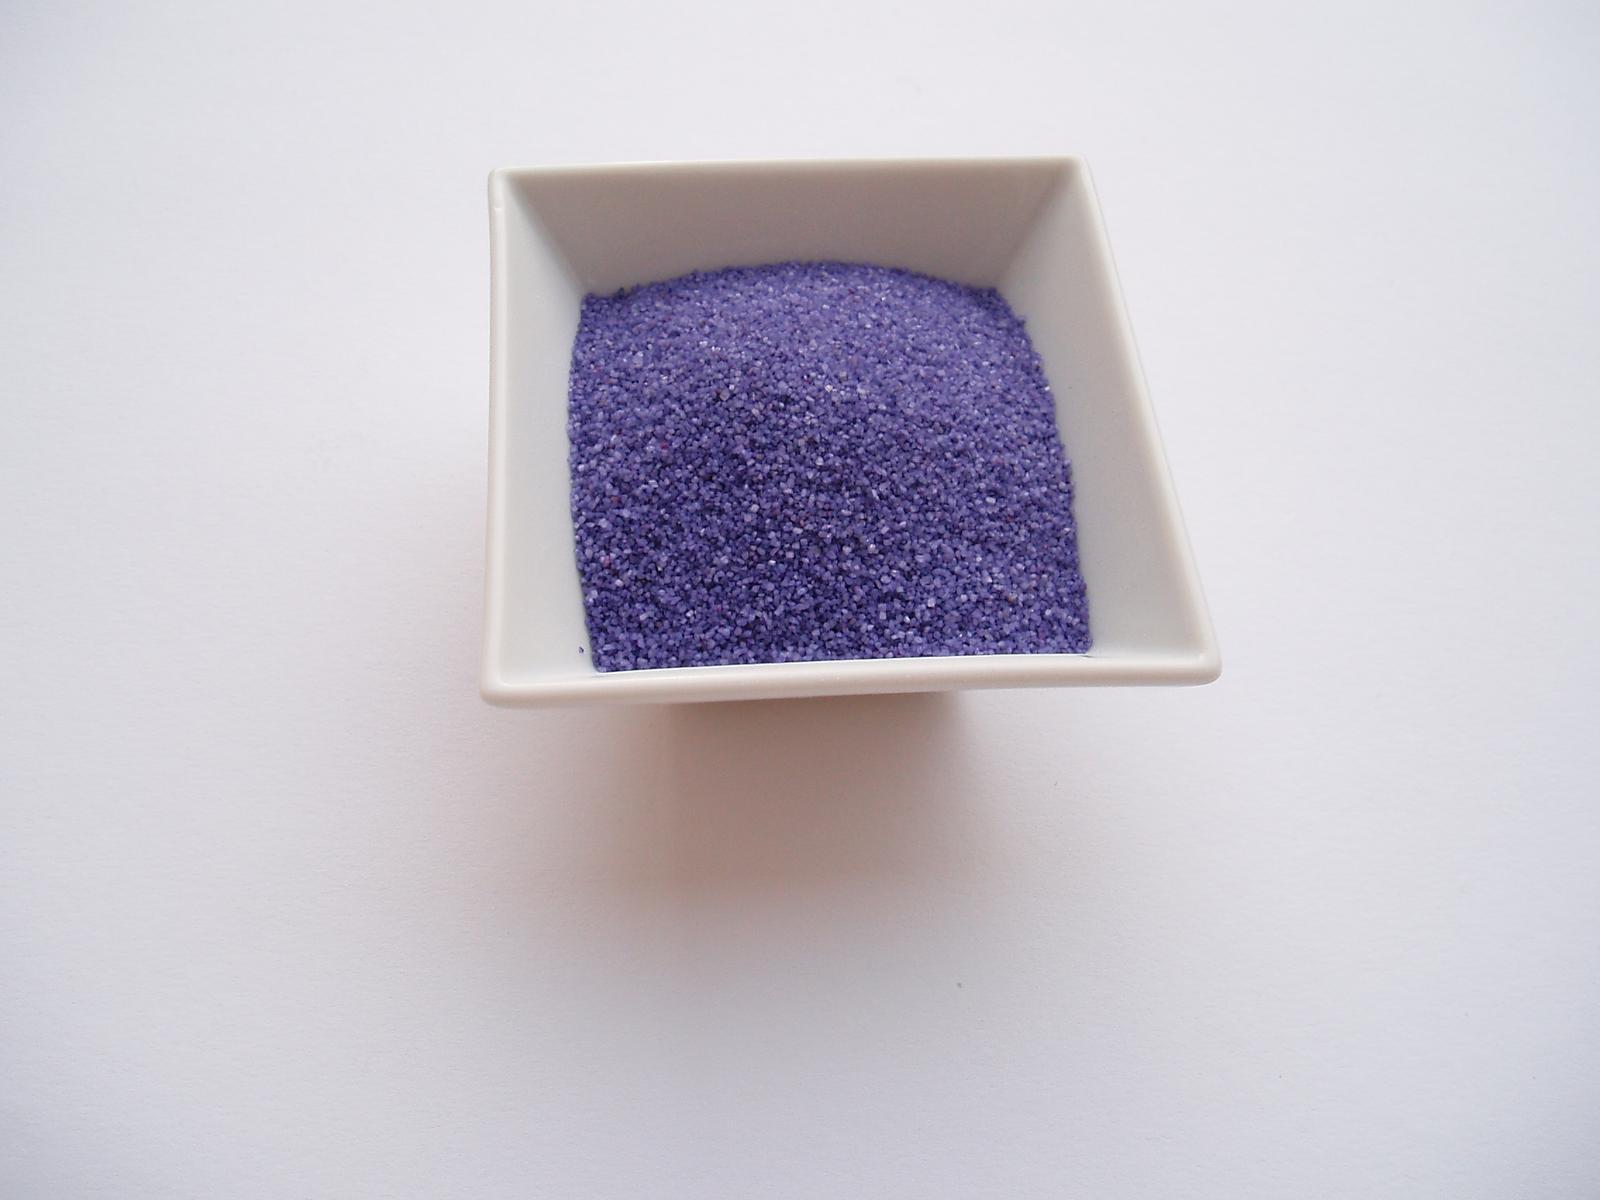 dekorační písek-fialový - Obrázek č. 1